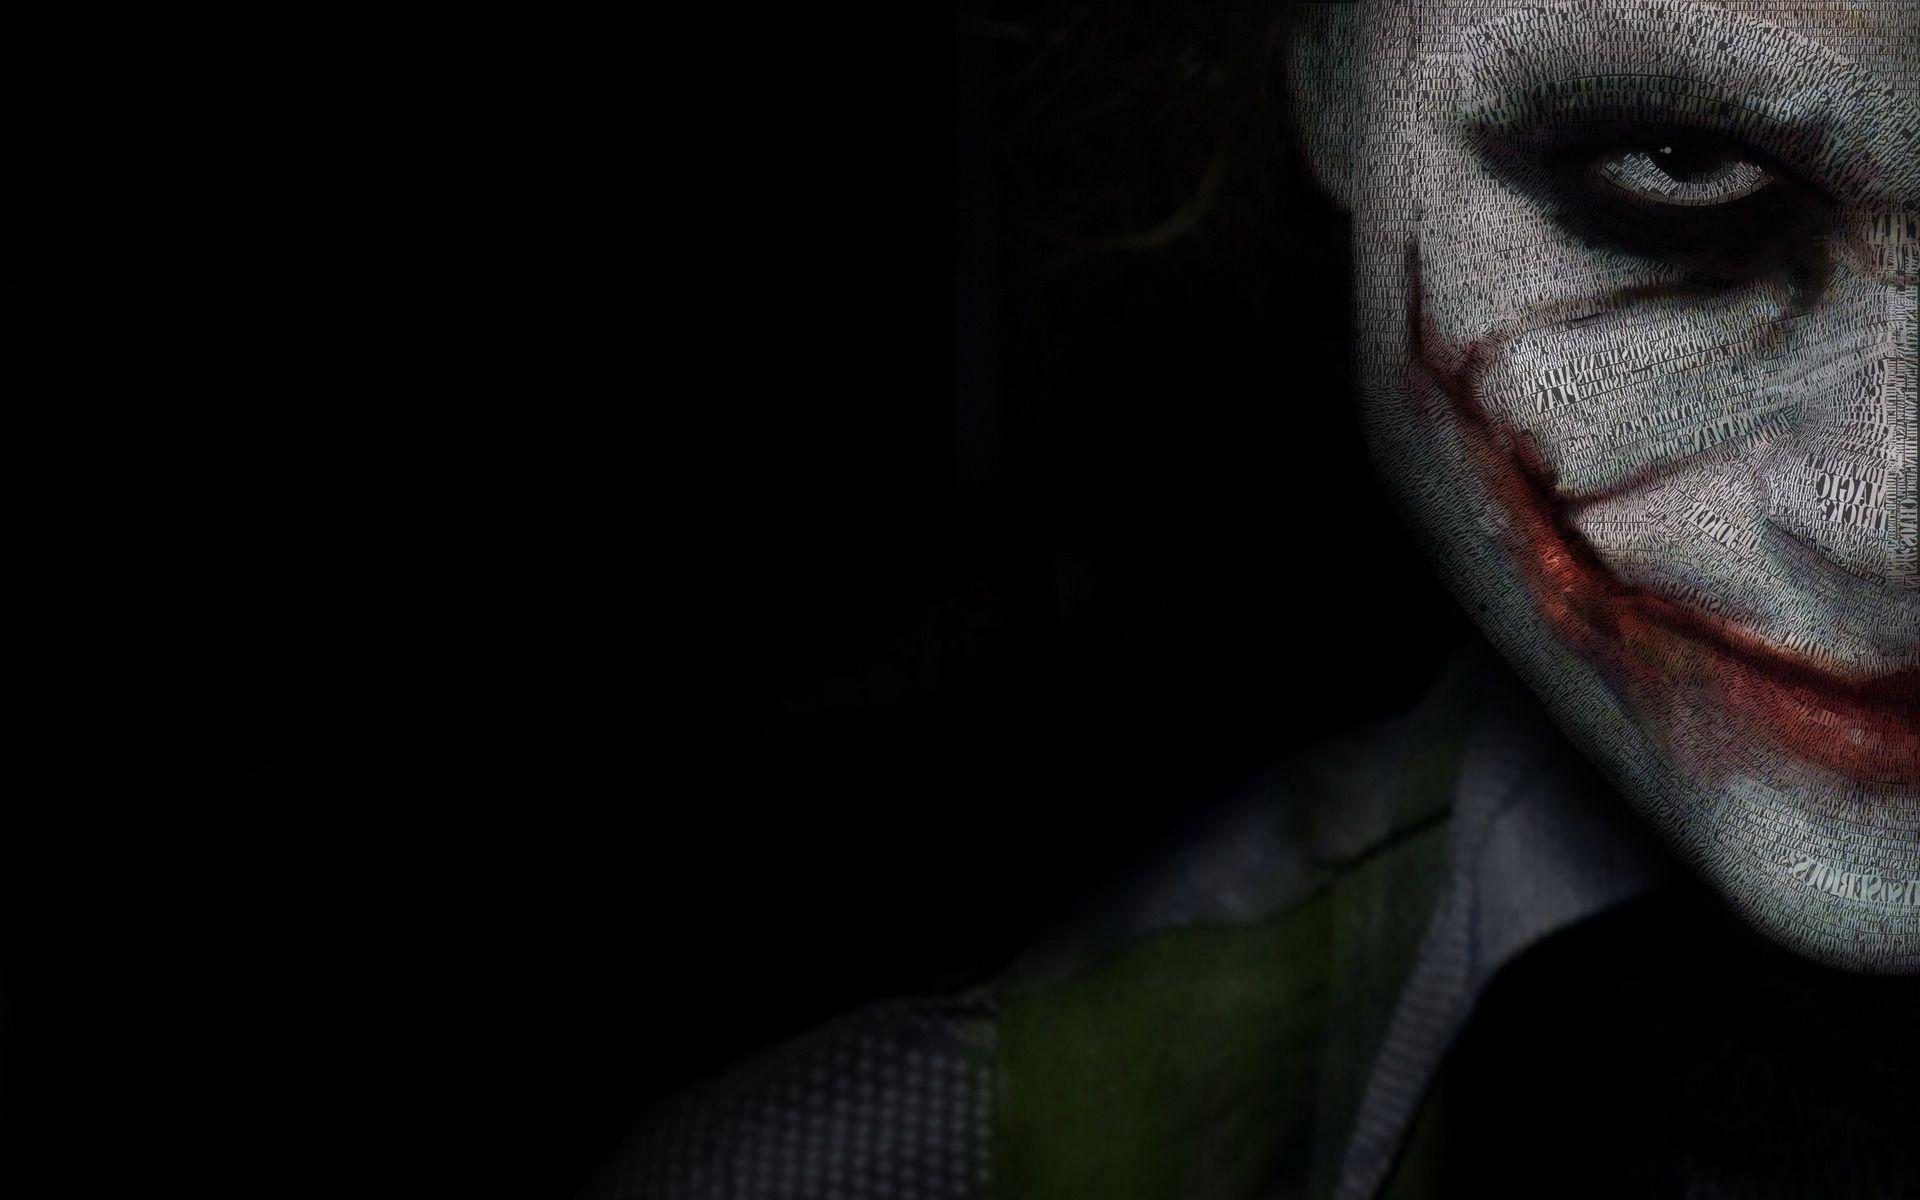 Pin De Thư Le Em Joker And Harley Imagem De Fundo De Computador Planos De Fundo Joker